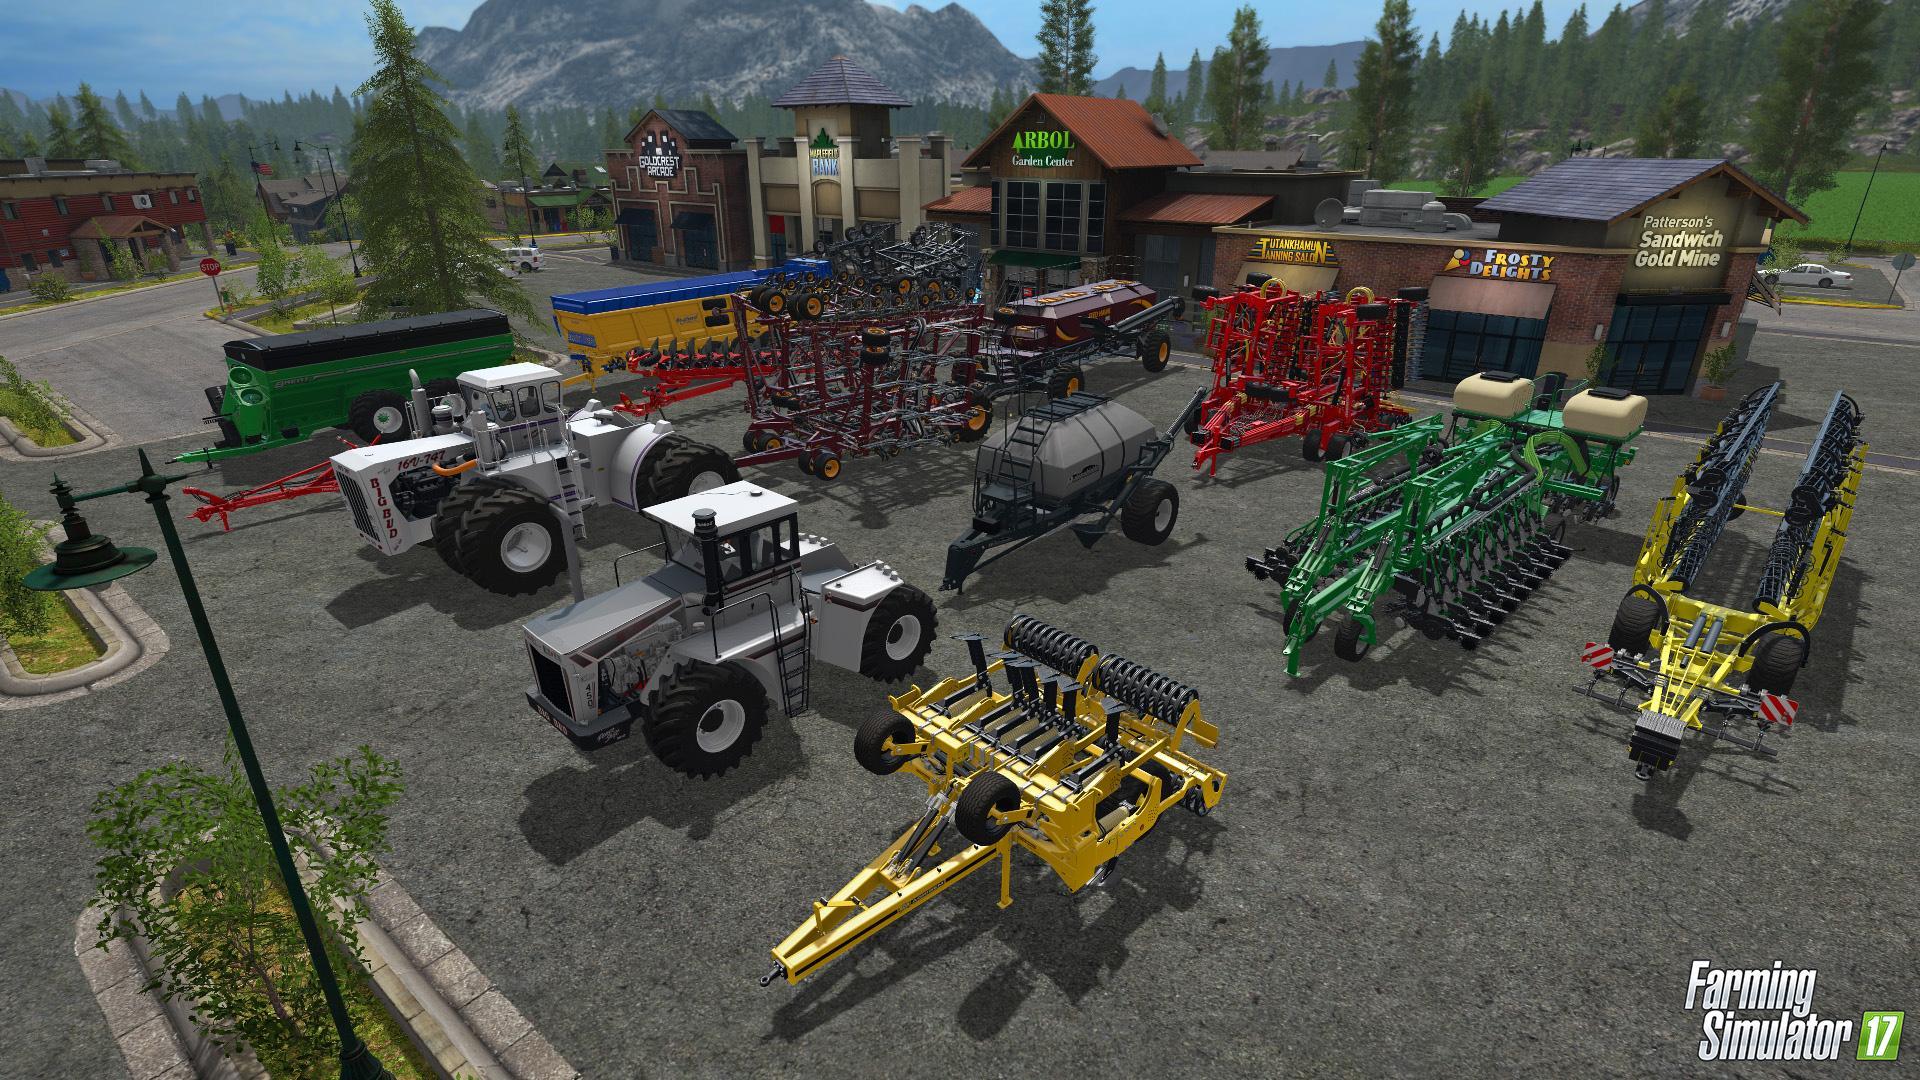 Новое Big Bud DLC для игры Farming Simulator 17 - Farming Simulator 17 Big Bud DLC for Farming Simulator 17